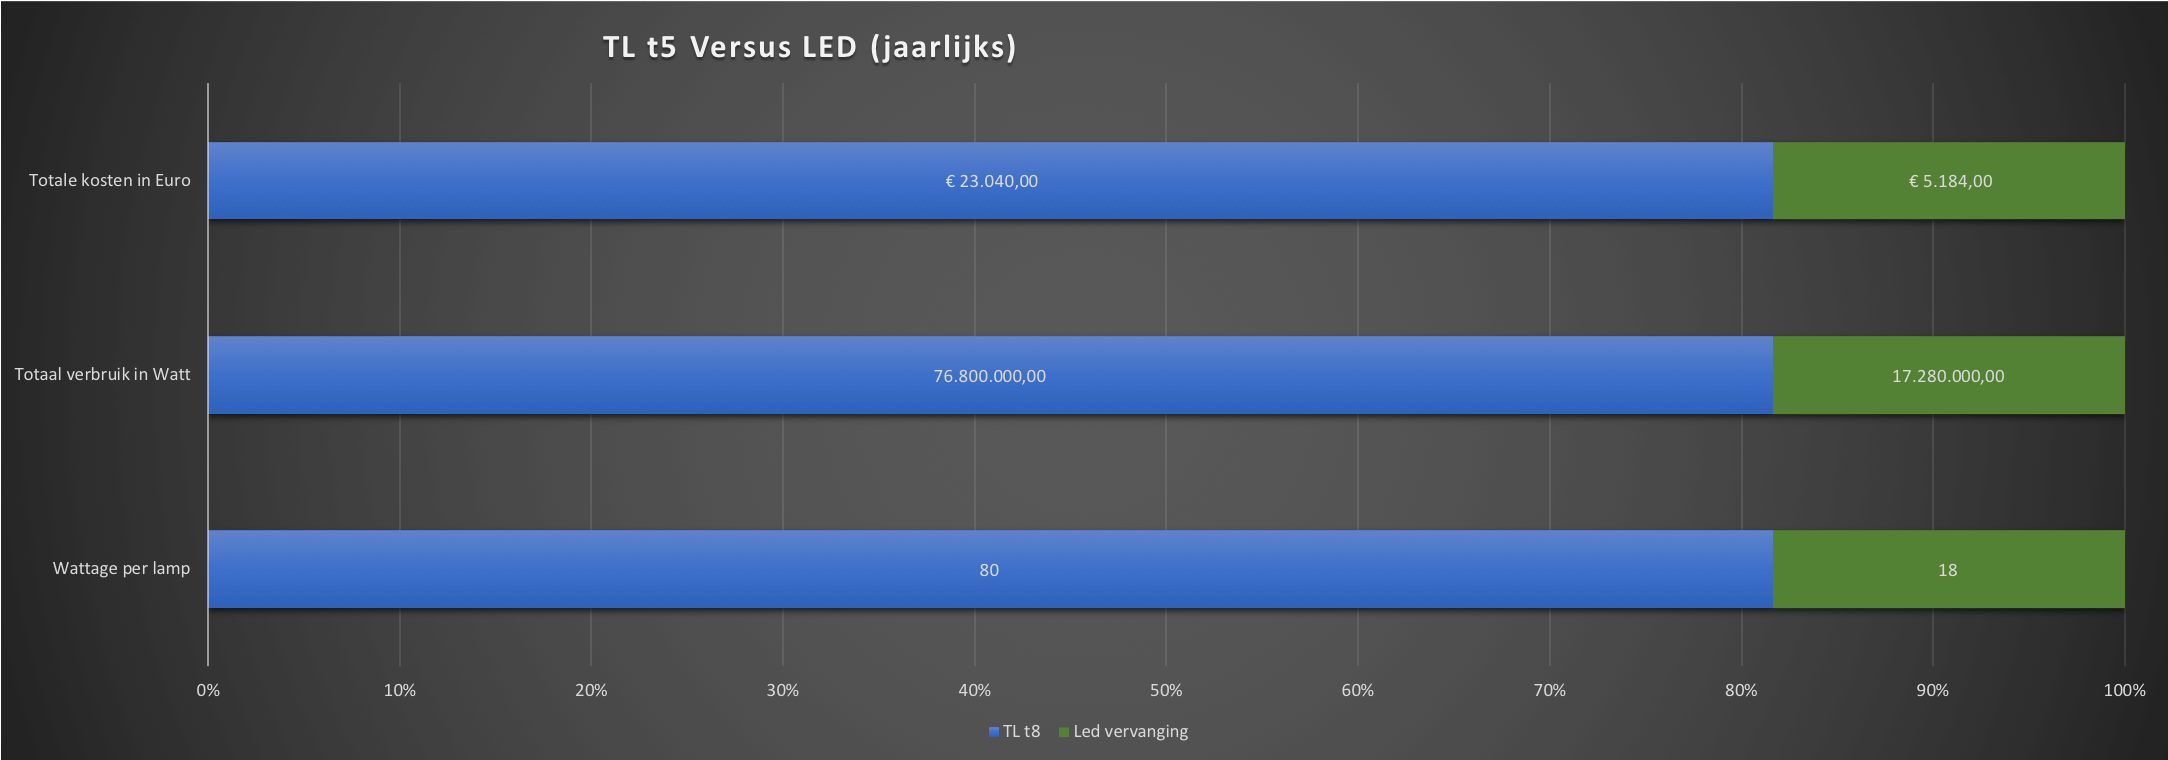 duurzaam-ondernemen-led-versus-tl5-verlichting